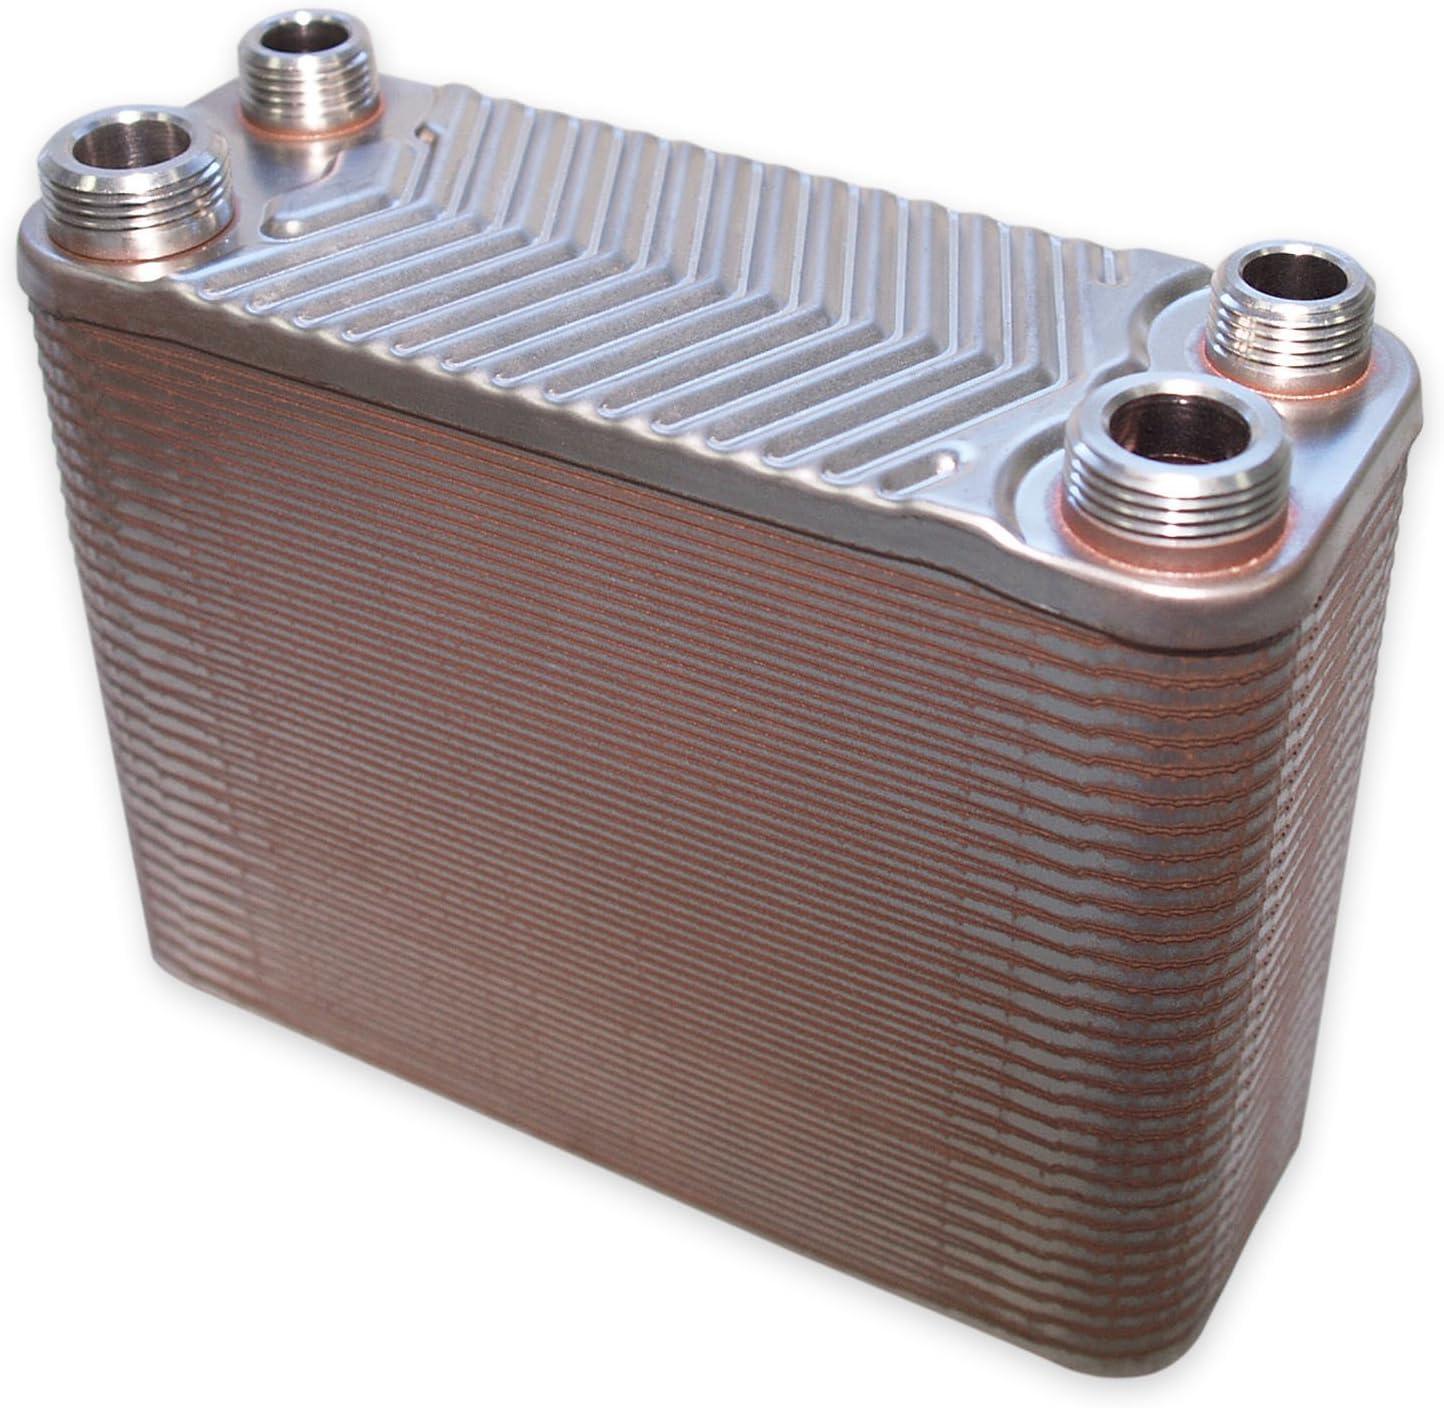 Hrale Intercambiador calor térmico acero inoxidable 60 placas Termocambiador placas máx. 130 kW